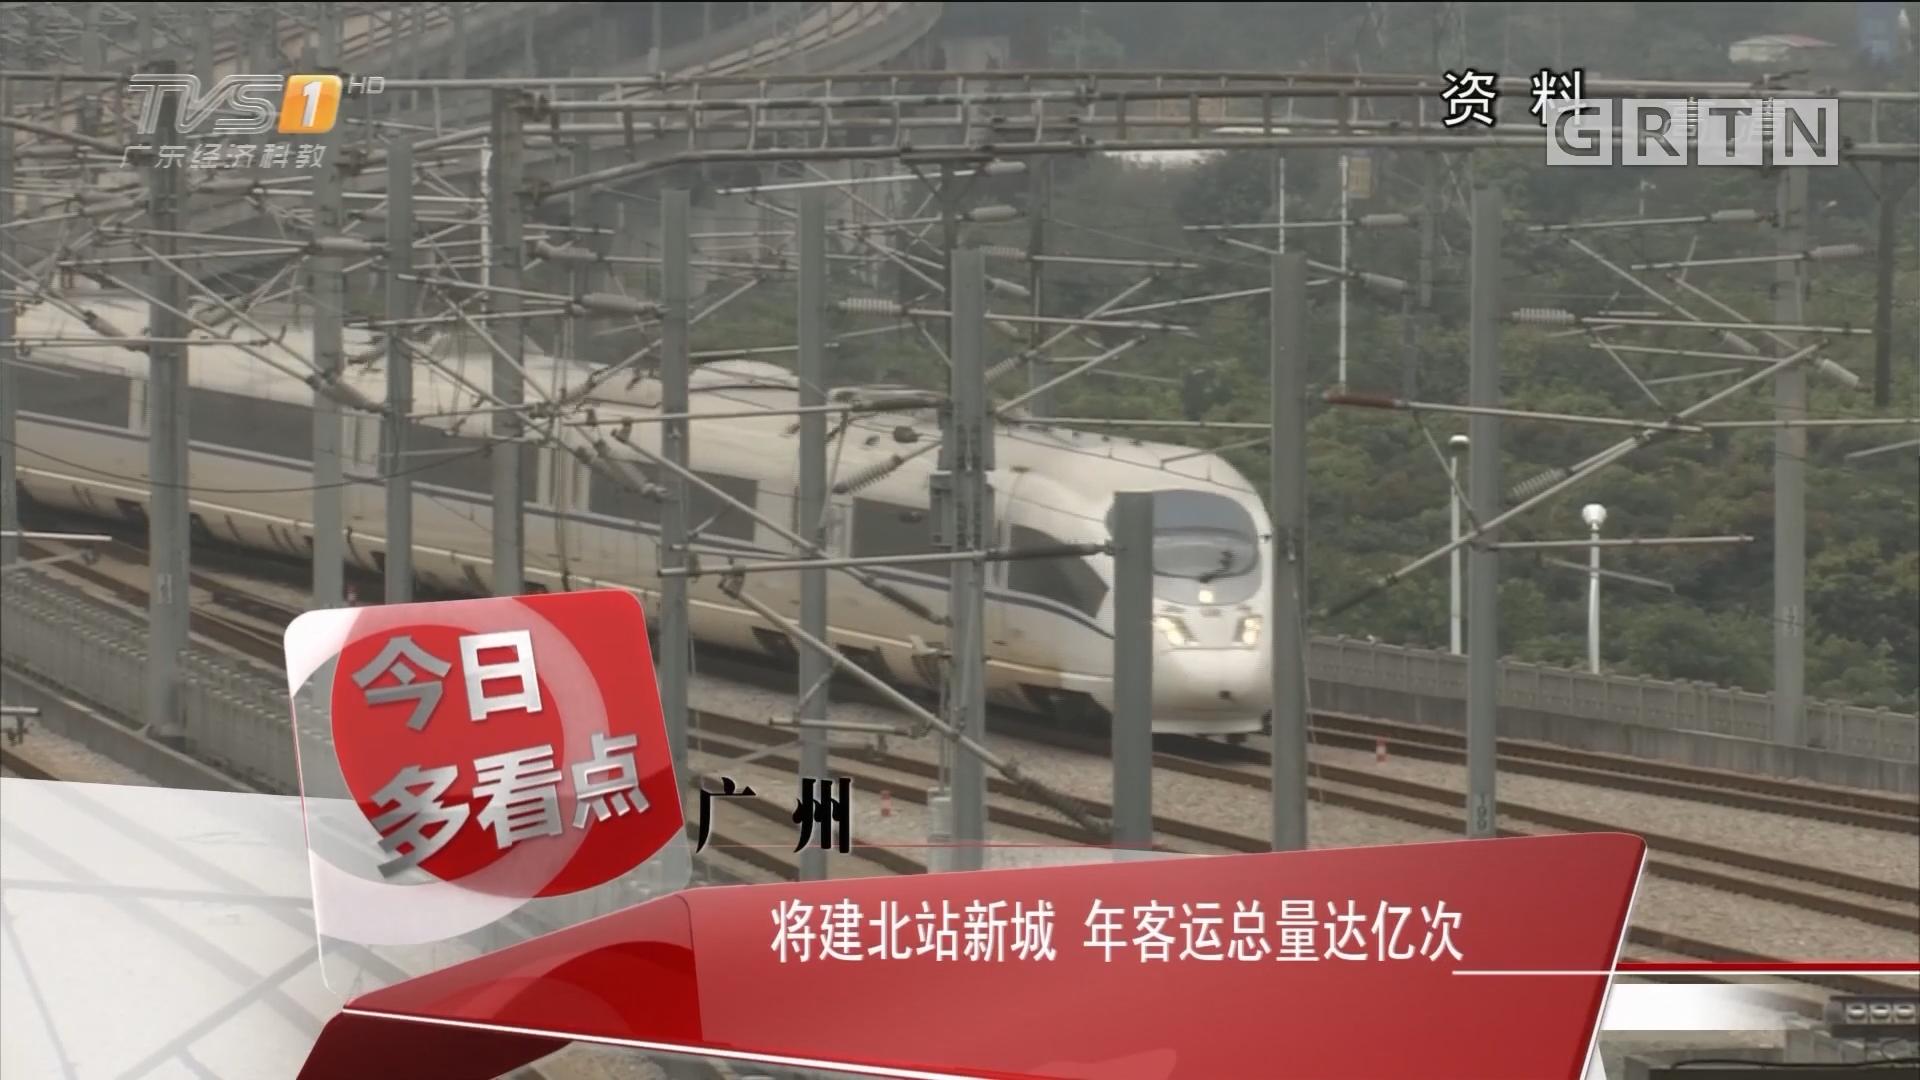 广州:将建北站新城 年客运总量达亿次